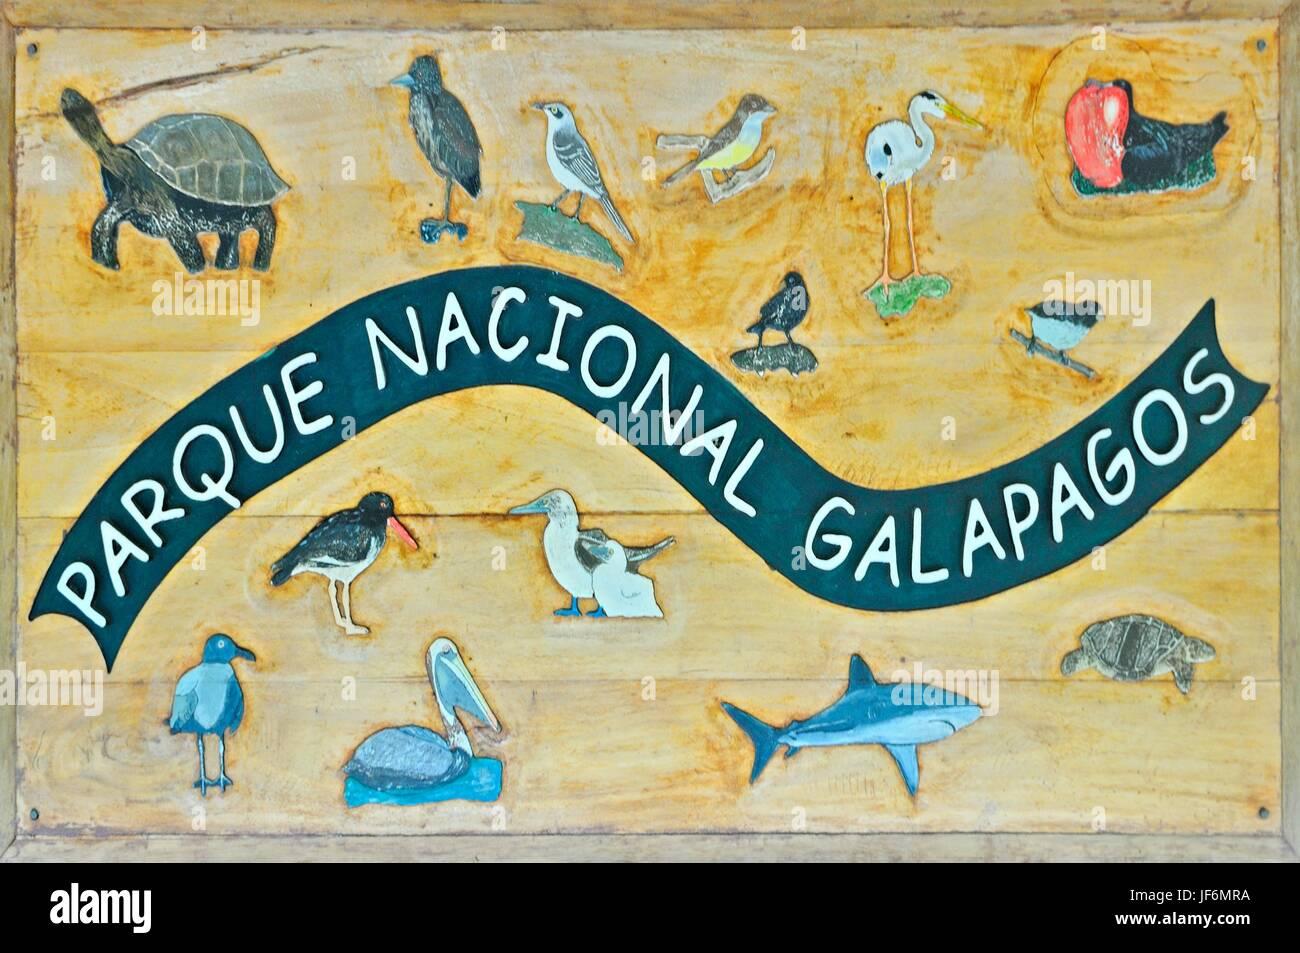 GALAPAGOS NATIONAL PARK - Stock Image